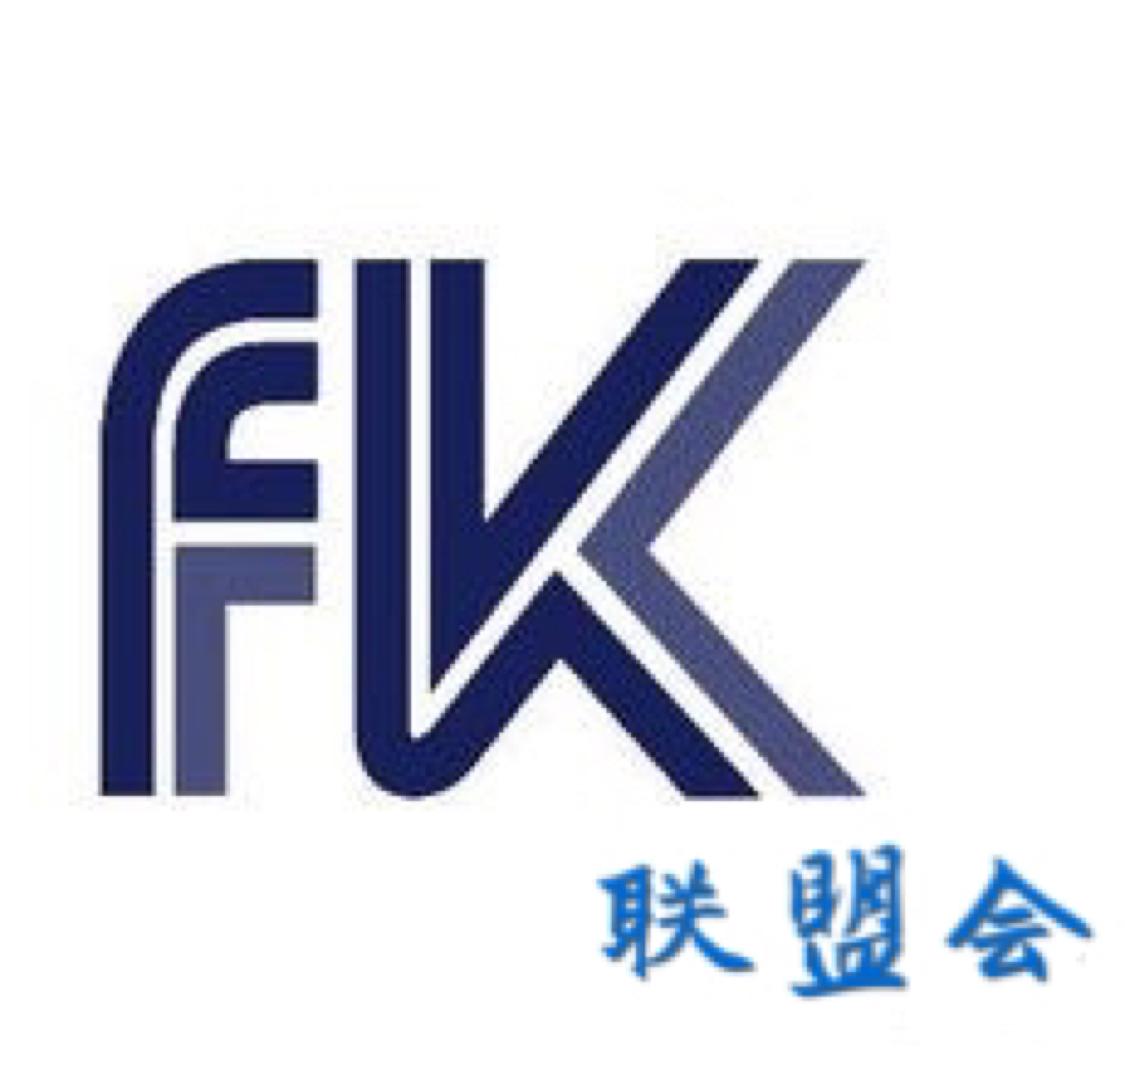 新浪娱乐logo_logo logo 标志 设计 矢量 矢量图 素材 图标 1125_1092